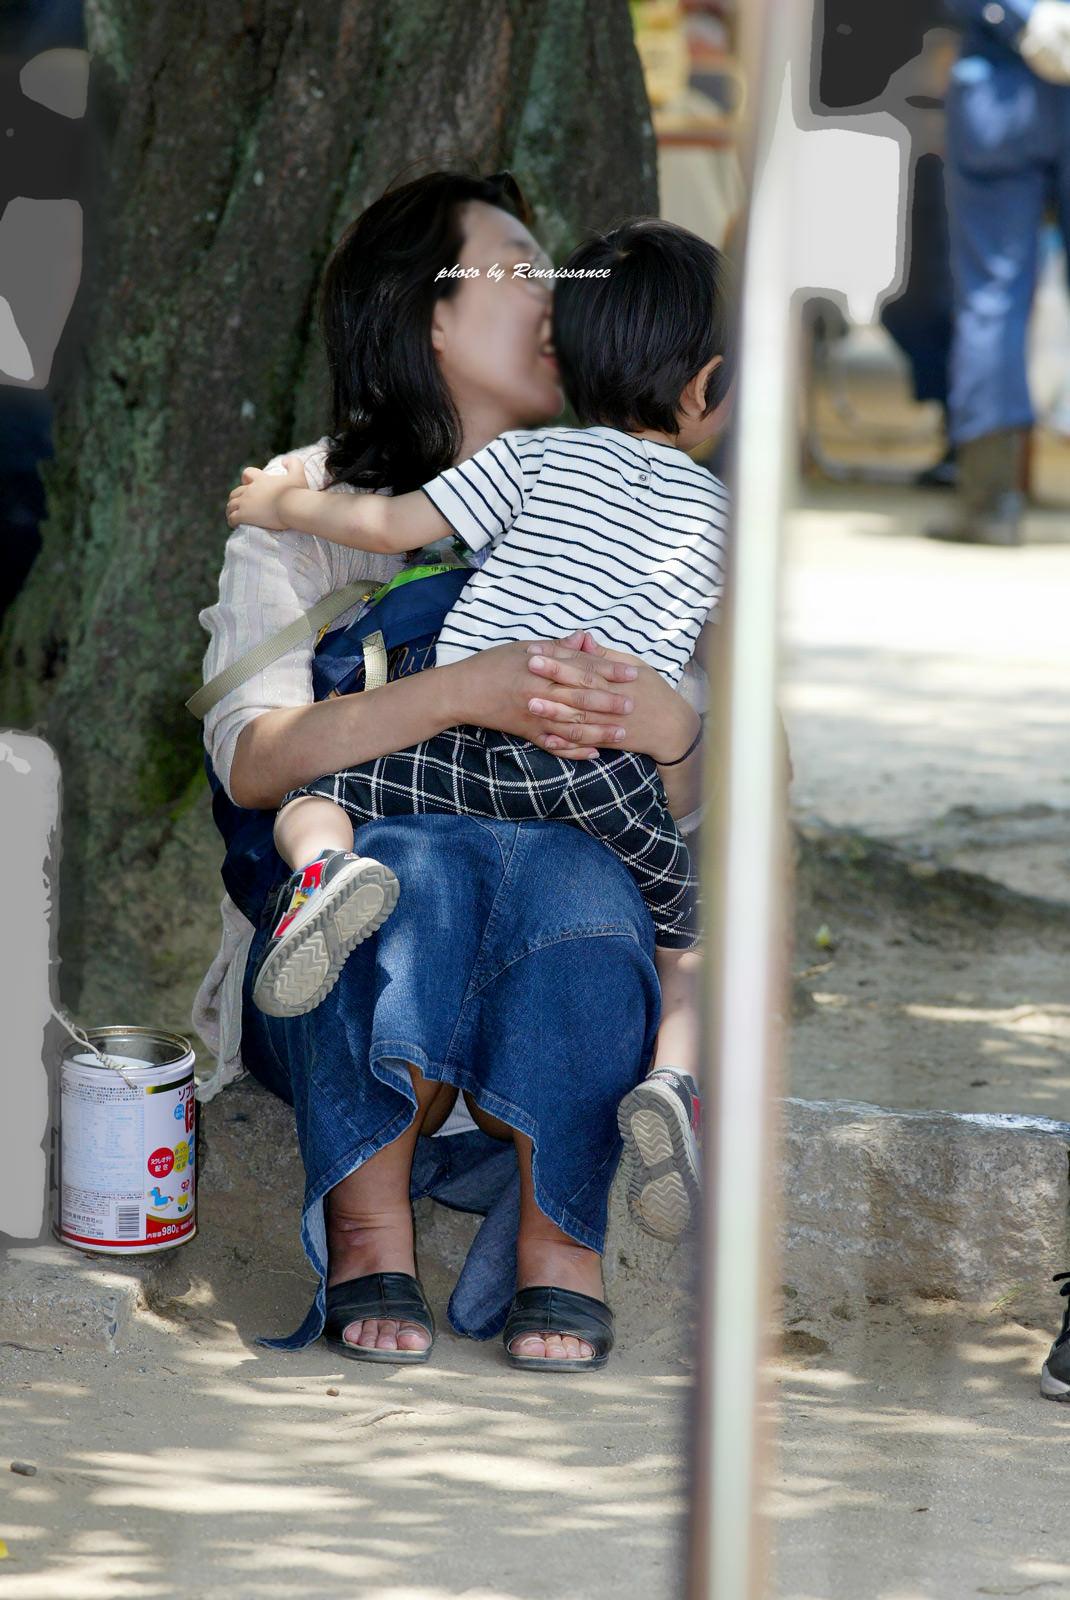 街で見かける人妻や熟女にエロスを感じるwwww隠し撮り画像放出wwwww 2512 1